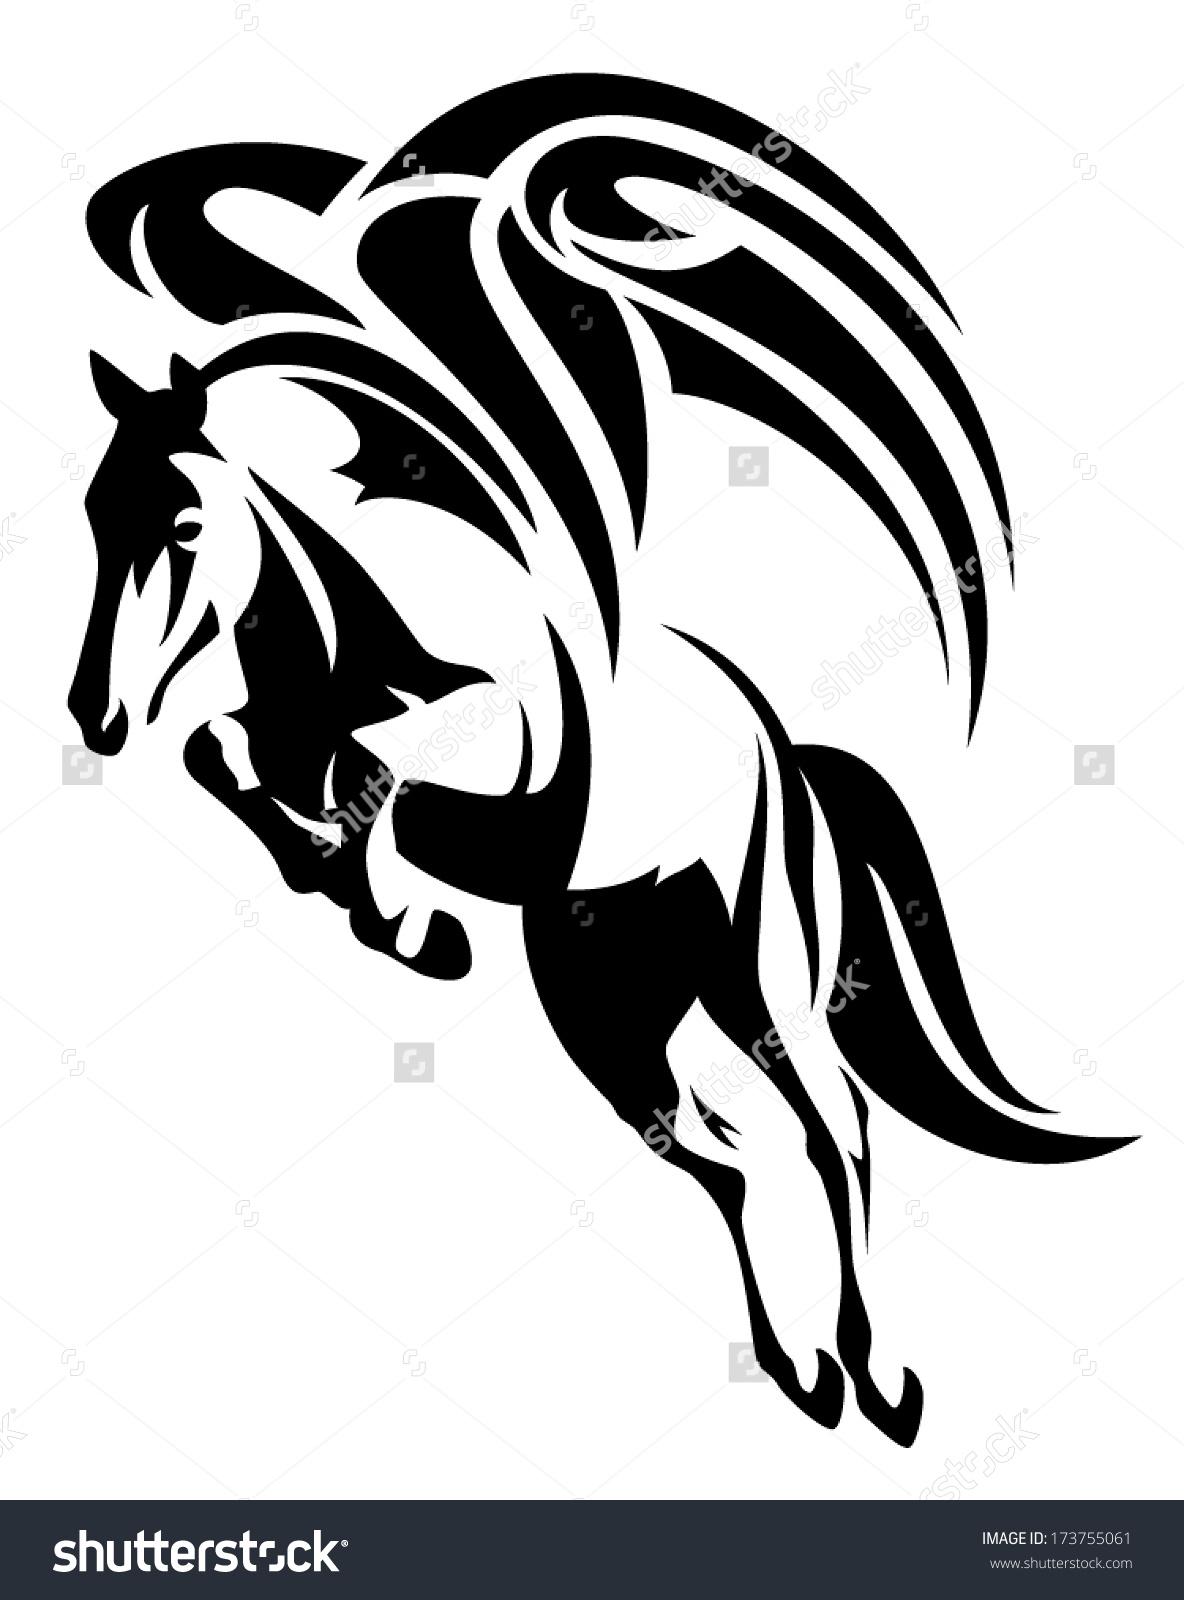 Winged Horse Design Black White Tribal Stock Vector 173755061.